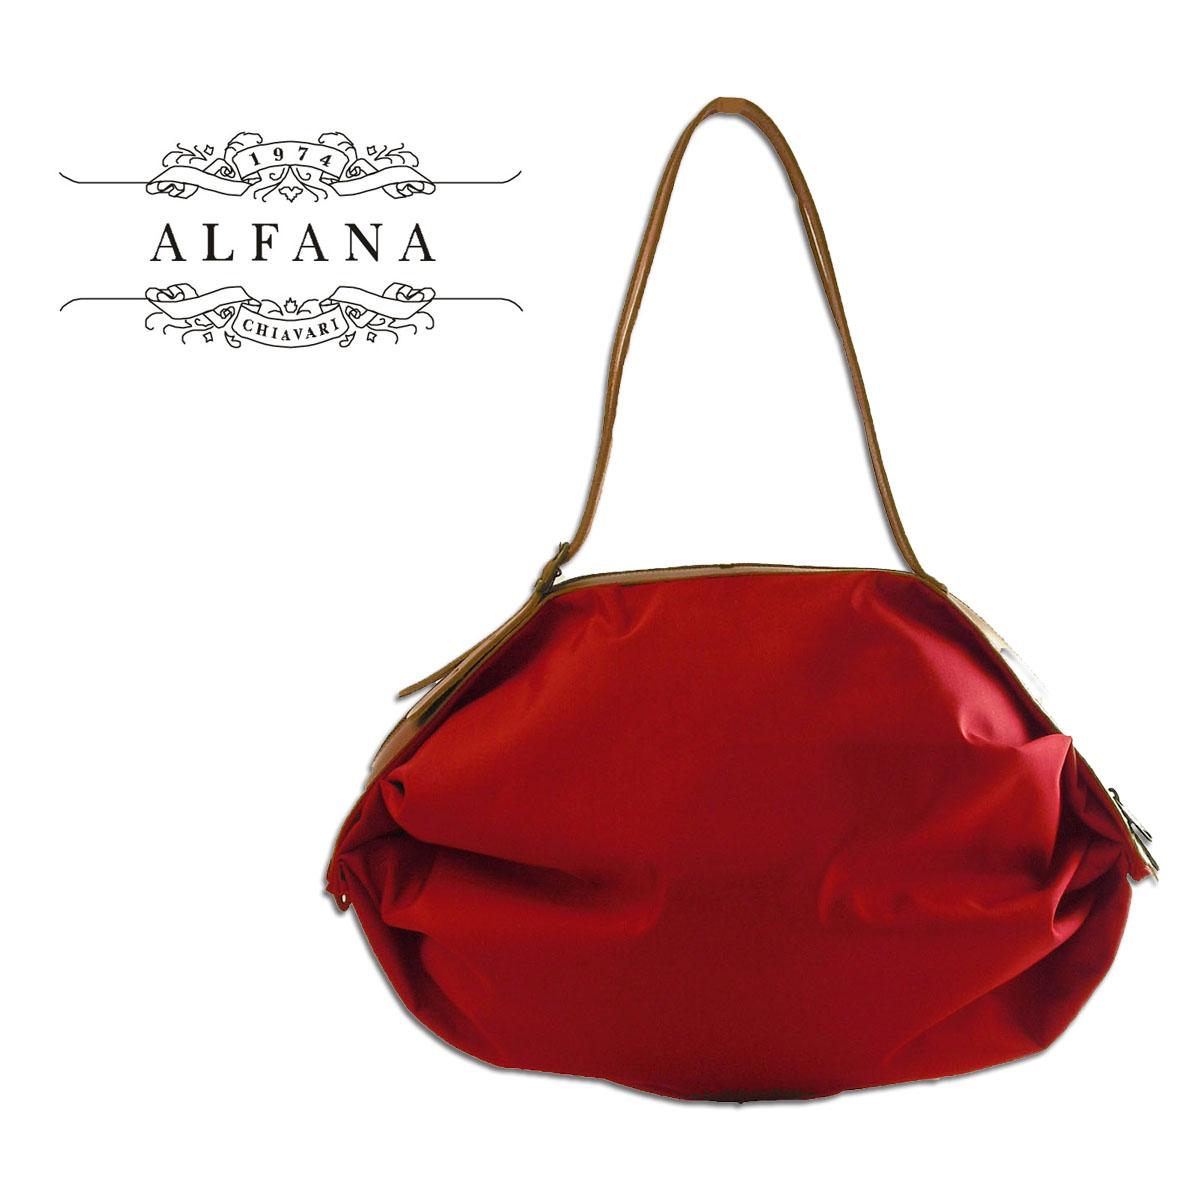 ALFANA アルファーナ POP CORN58 ポップコーン58 ルビンレッド(65580065)イタリア製 折りたためる バッグ あす楽